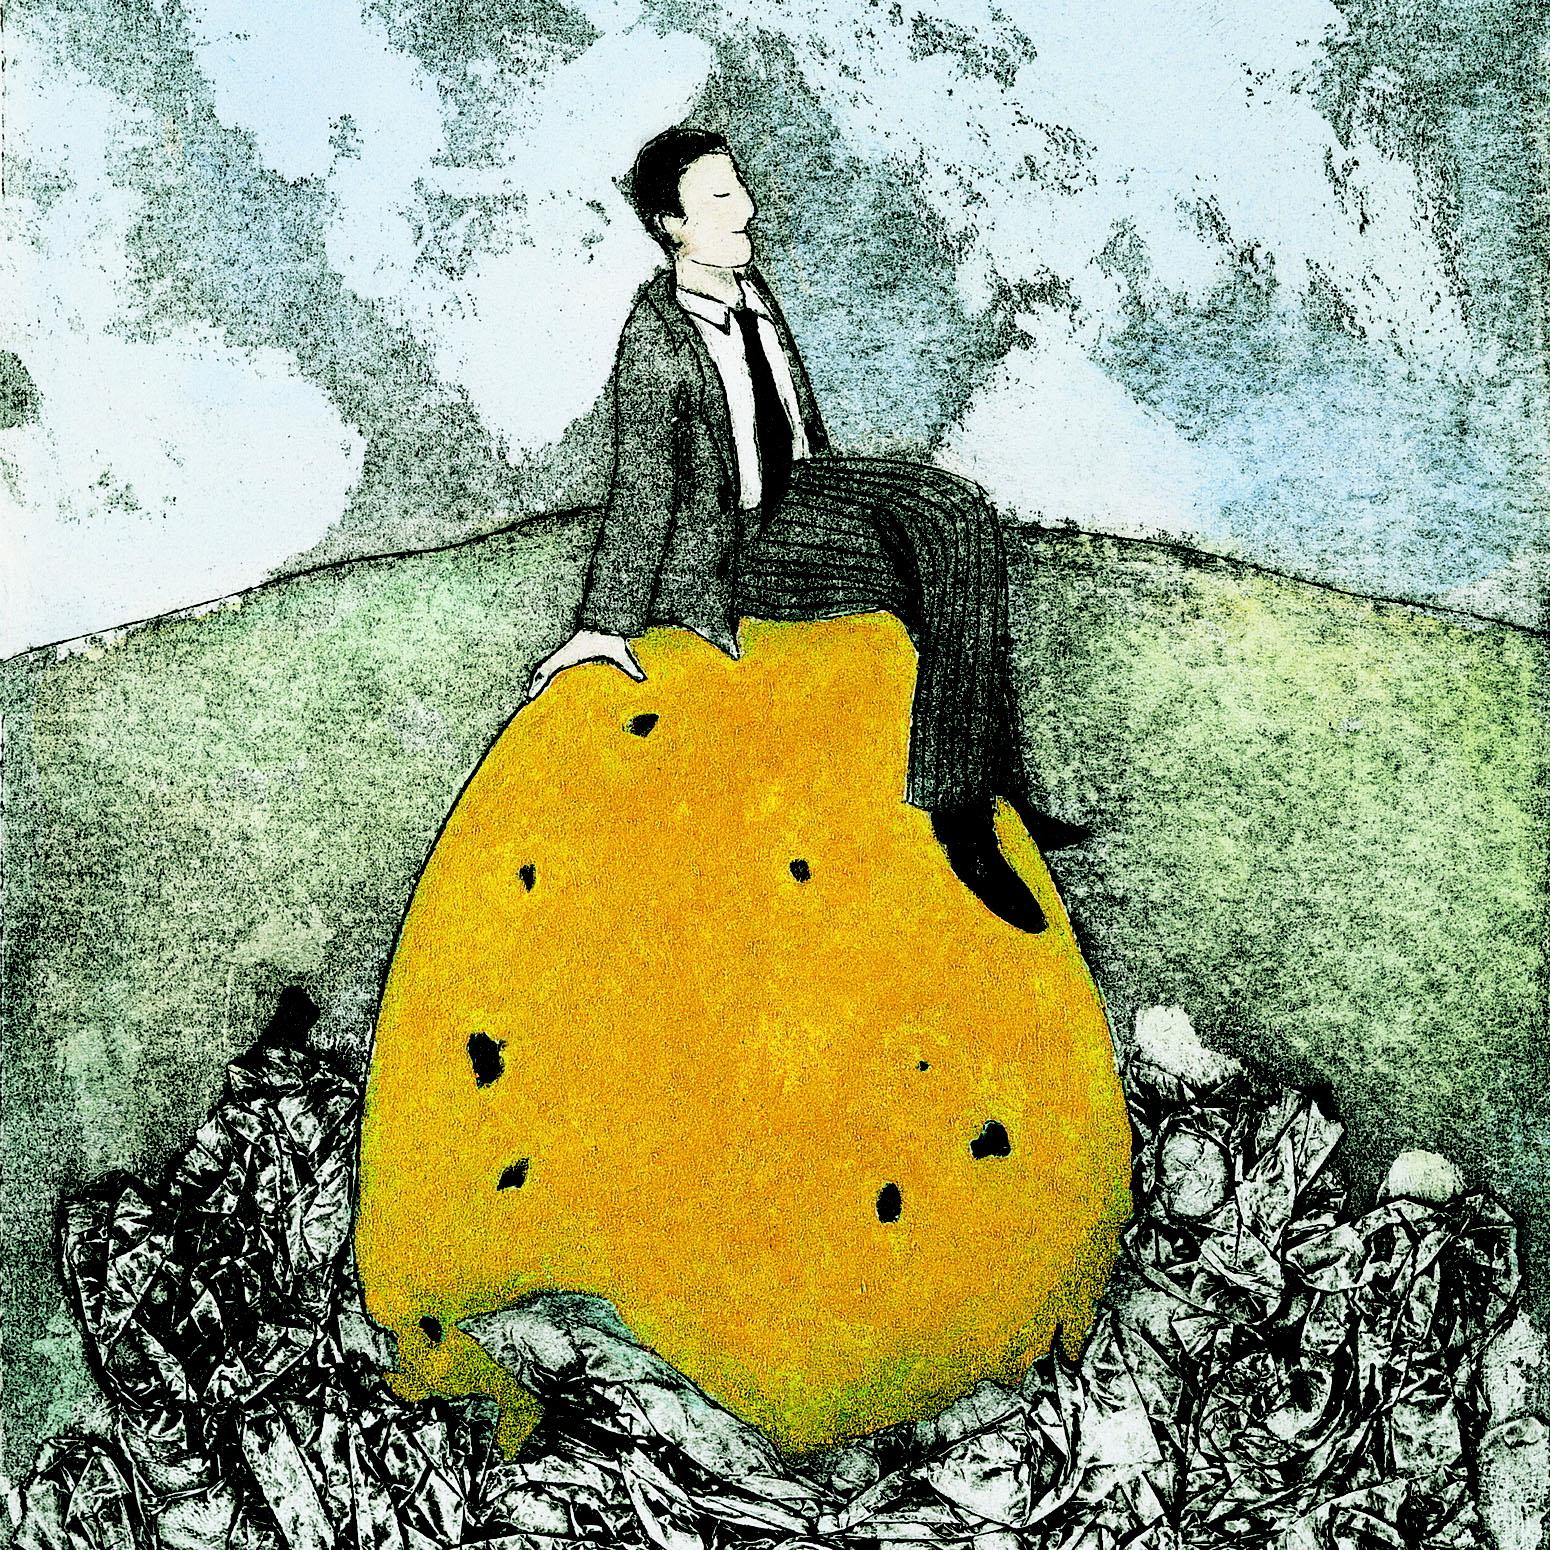 Een leider denkt rustig na op een berg in een wijds landschap